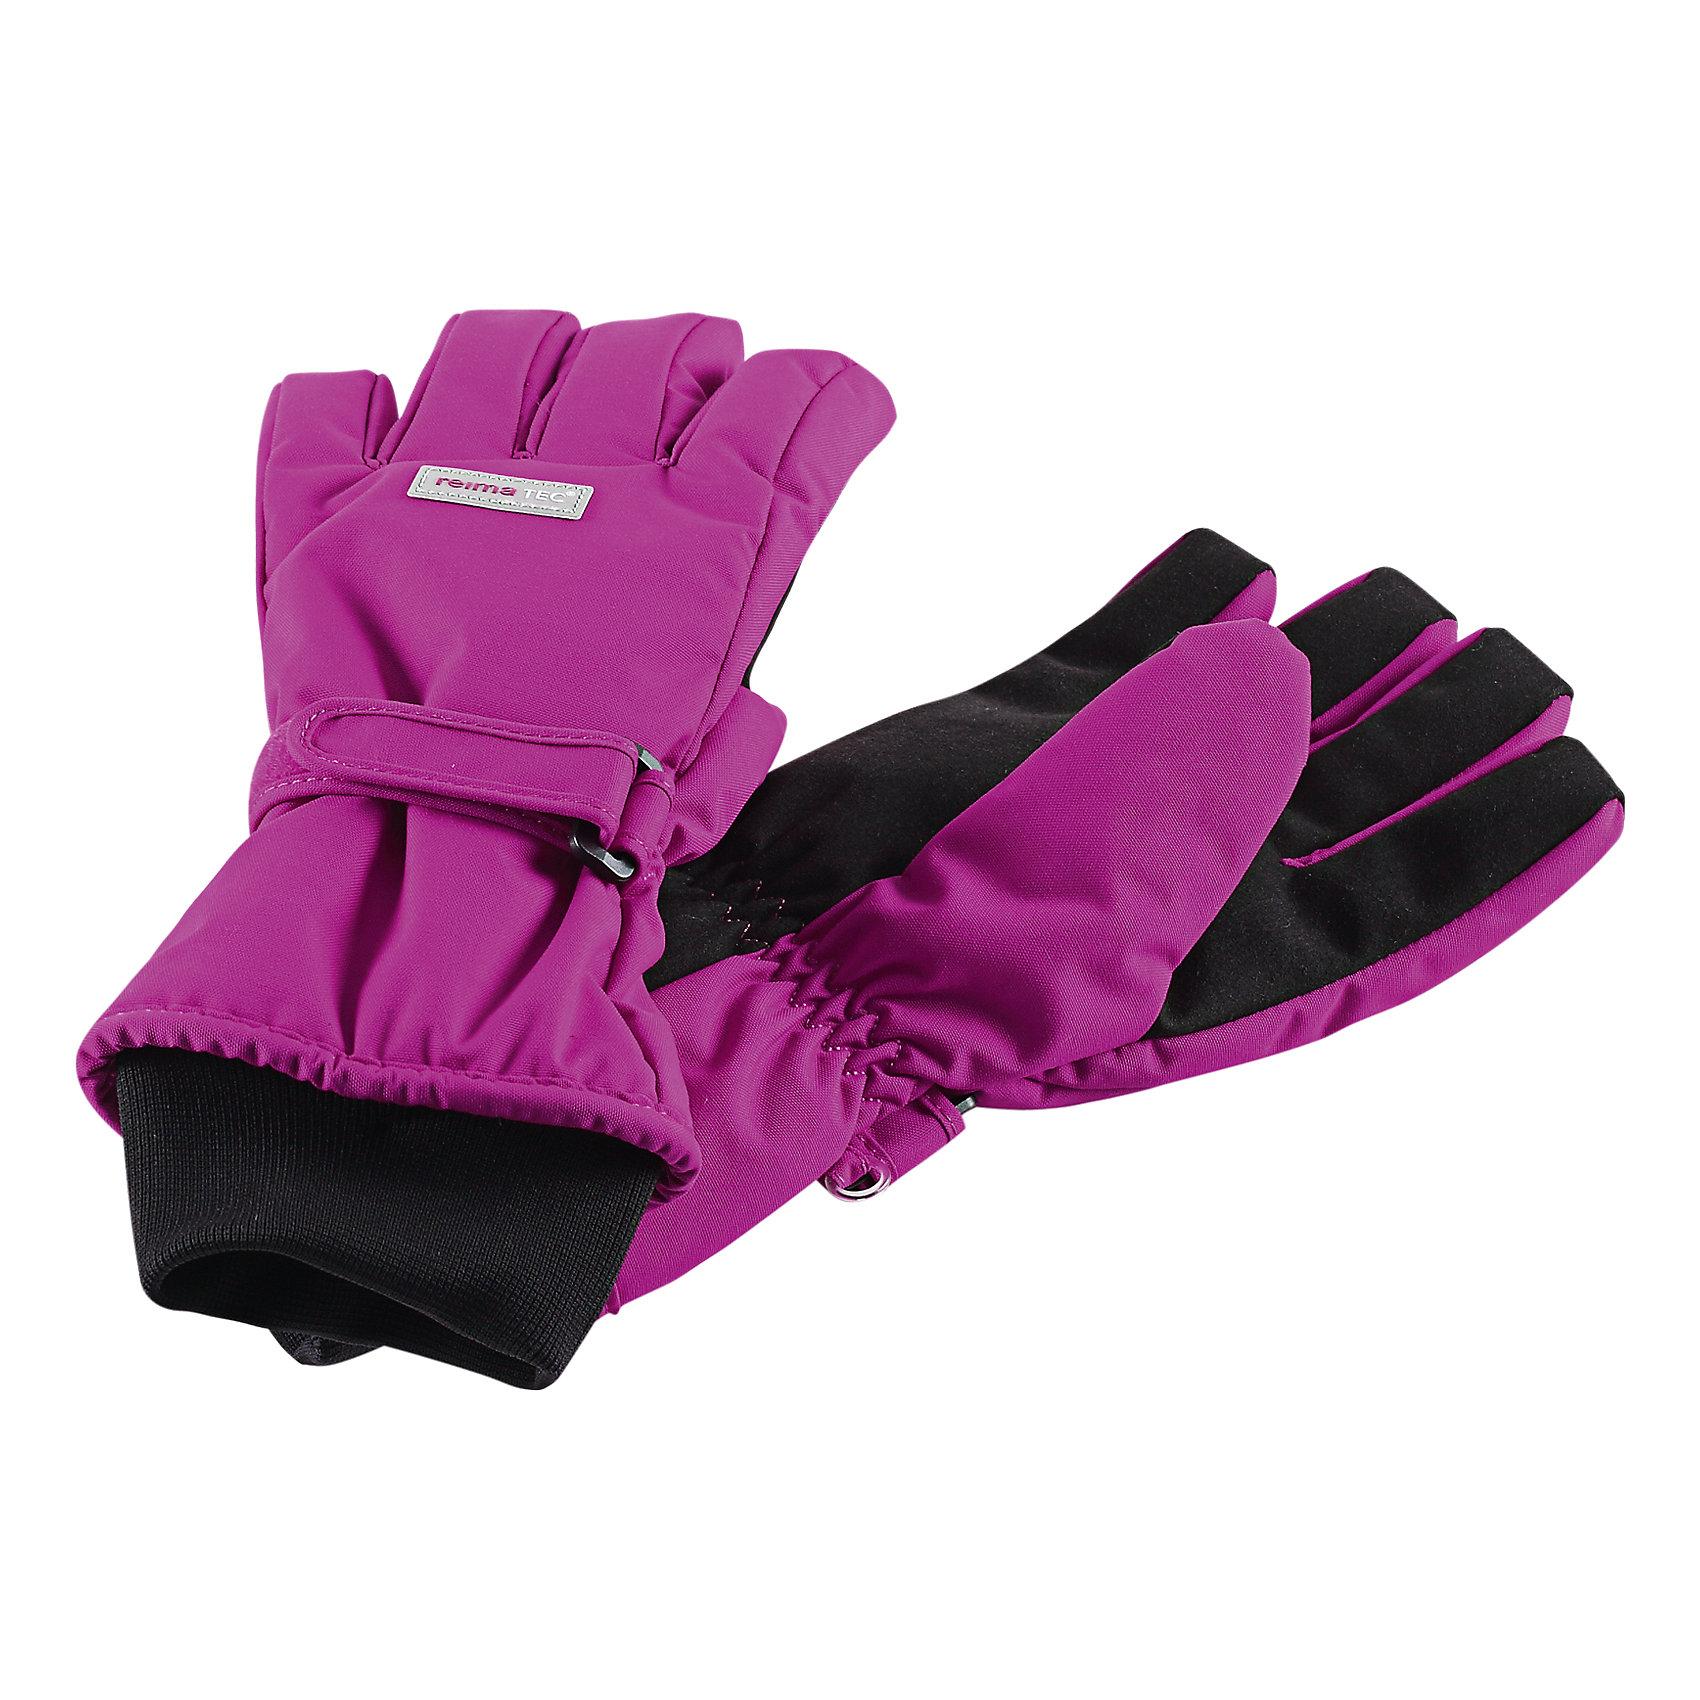 Перчатки для девочки Reimatec® ReimaТоповый продукт от Рейма, полностью водонепроницаемые, дышащие и мягкие детские зимние перчатки - Тарту снова с вами! Новые и улучшенные, в этом сезоне перчатки утеплены супер легким, сверхтеплым наполнителем PrimaLoft®! Изготовленные из ветрозащитного и дышащего материала с водонепроницаемой вставкой Hipora, эти перчатки гарантируют, что пальчики ребенка будут теплыми и сухими в любую погоду! Теплая флисовая подкладка дарит коже ощущение комфорта и уюта. Усиленный материал на ладошках, большом пальце и остальных пальцах позволяет крепко держать предметы и, безусловно, поможет в скатывании снежных шаров! Светоотражающие элементы также входят в набор. Легкие в уходе и приятные в носе перчатки можно сушить в центрифуге!<br><br>Зимние перчатки  Reimatec® (Рейматек) для малышей и детей<br>Водонепроницаемая вставка из Hipora<br>Теплая полиэстер-флисовая подкладка <br>Теплая набивка Primaloft, 170 г<br>Усиленные на ладошках, больших пальцах и пальцах<br>Возможна сушка в центрифуге<br><br>Состав:<br>100% ПА, ПУ-покрытие<br>Средняя степень утепления (до - 20)<br><br>Перчатки Reimatec® (Рейматек) Reima (Рейма) можно купить в нашем магазине.<br><br>Ширина мм: 162<br>Глубина мм: 171<br>Высота мм: 55<br>Вес г: 119<br>Цвет: розовый<br>Возраст от месяцев: 144<br>Возраст до месяцев: 168<br>Пол: Женский<br>Возраст: Детский<br>Размер: 8,7,3,6,5,4<br>SKU: 4210212